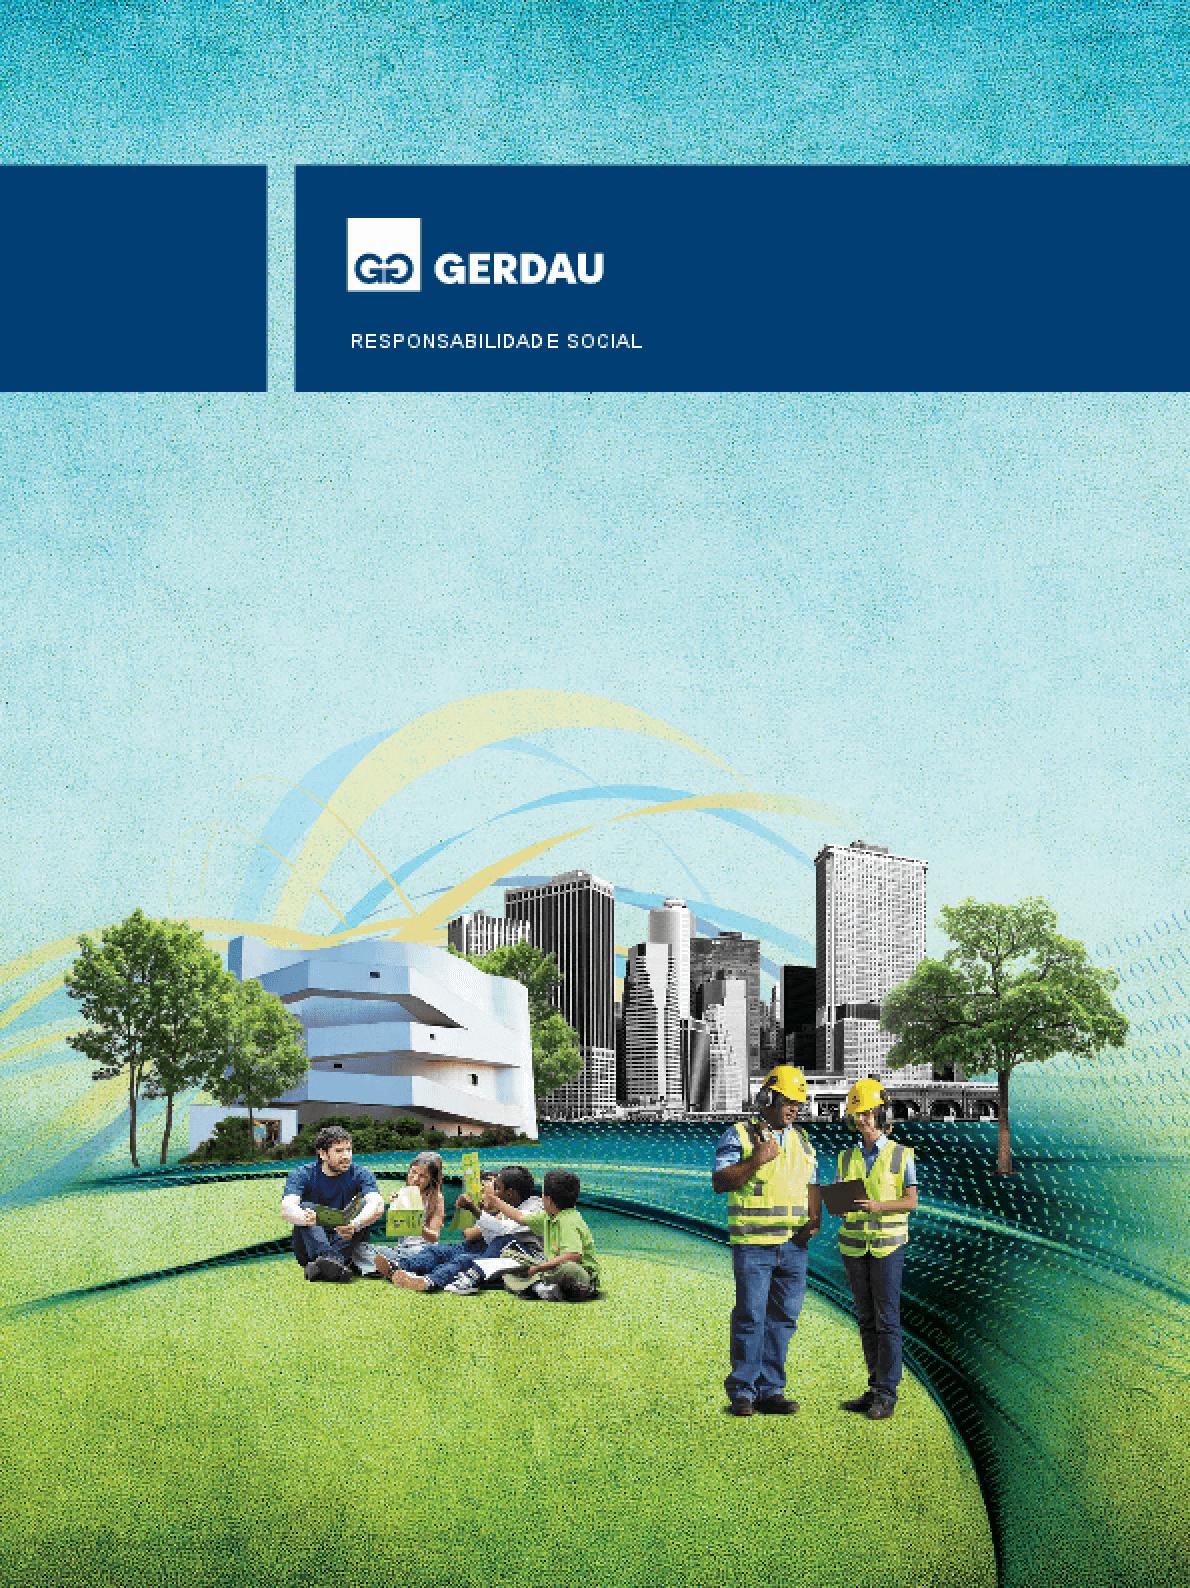 Relatório de responsabilidade social - Gerdau